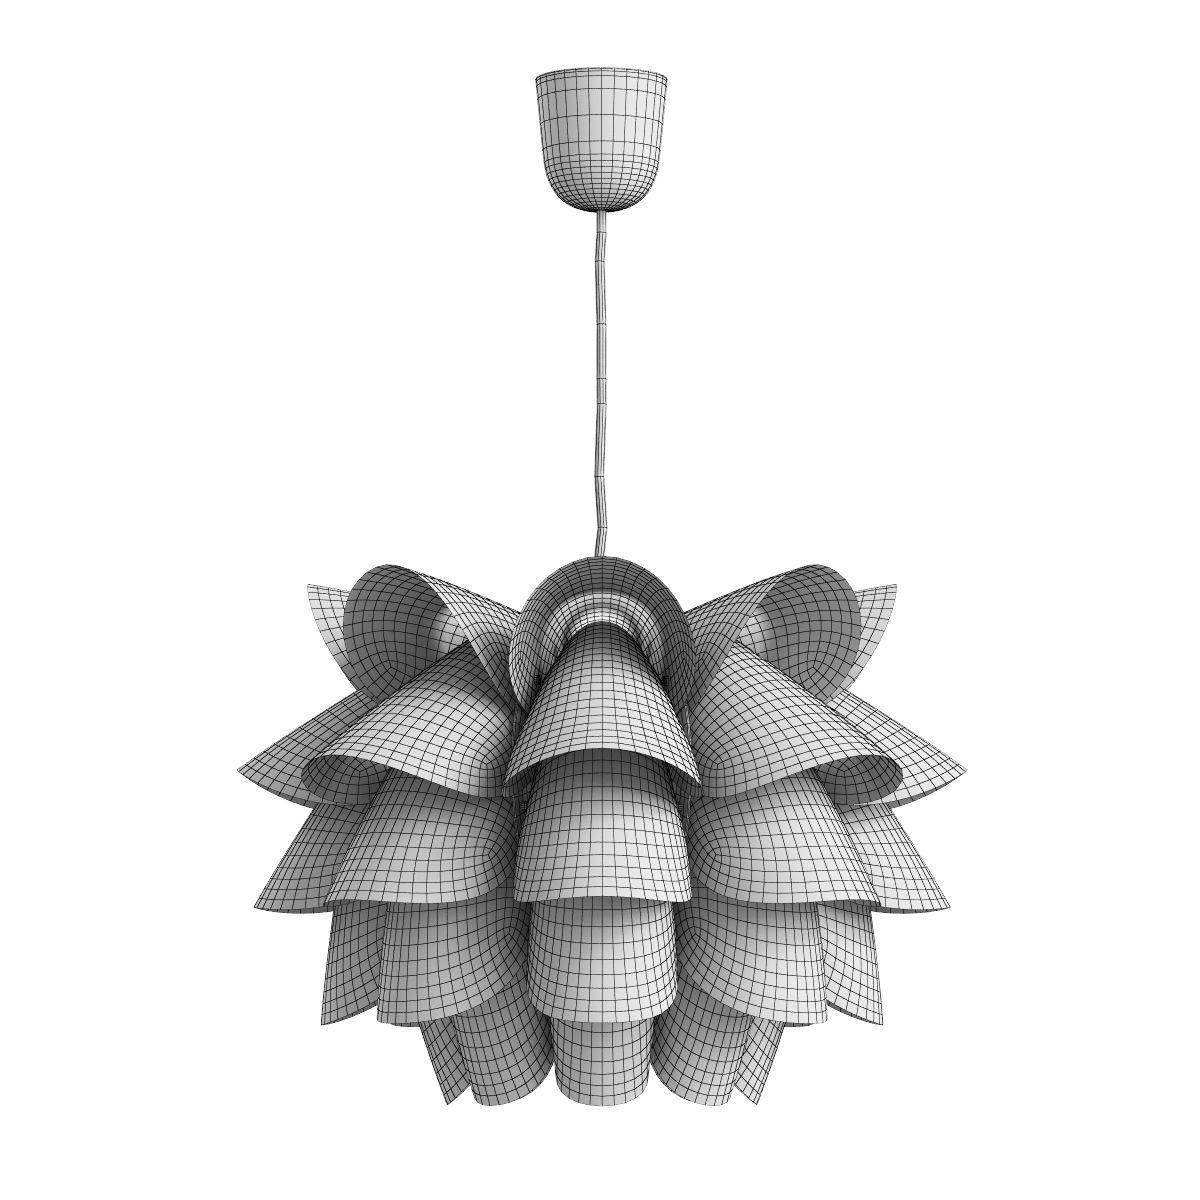 ... Ikea Knappa Pendant Lamp 3d Model Max 2 ...